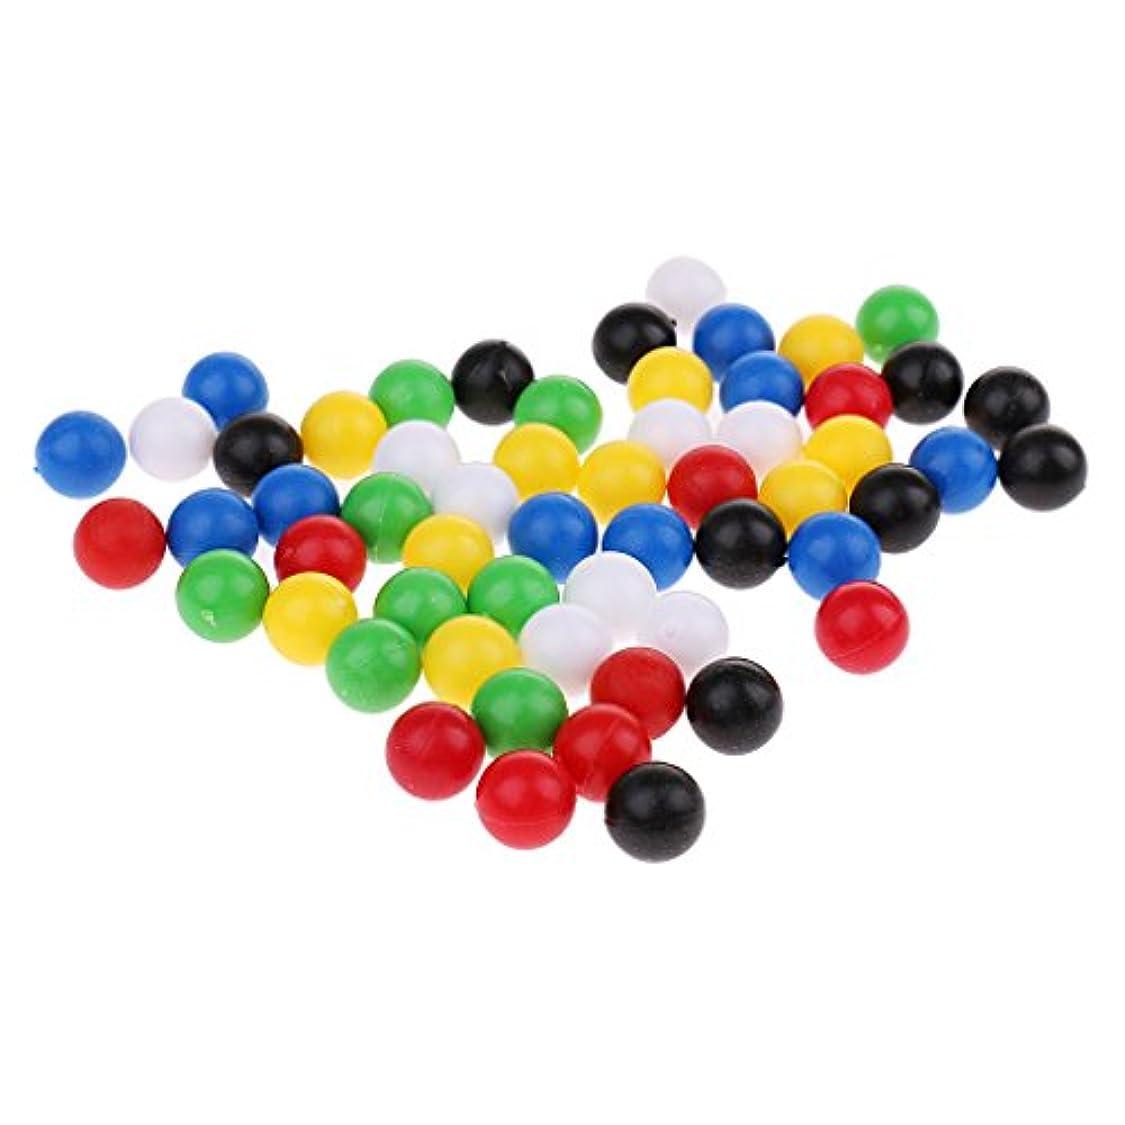 Sharplace プラスチック 丸ボール ファミリーゲーム 約60個